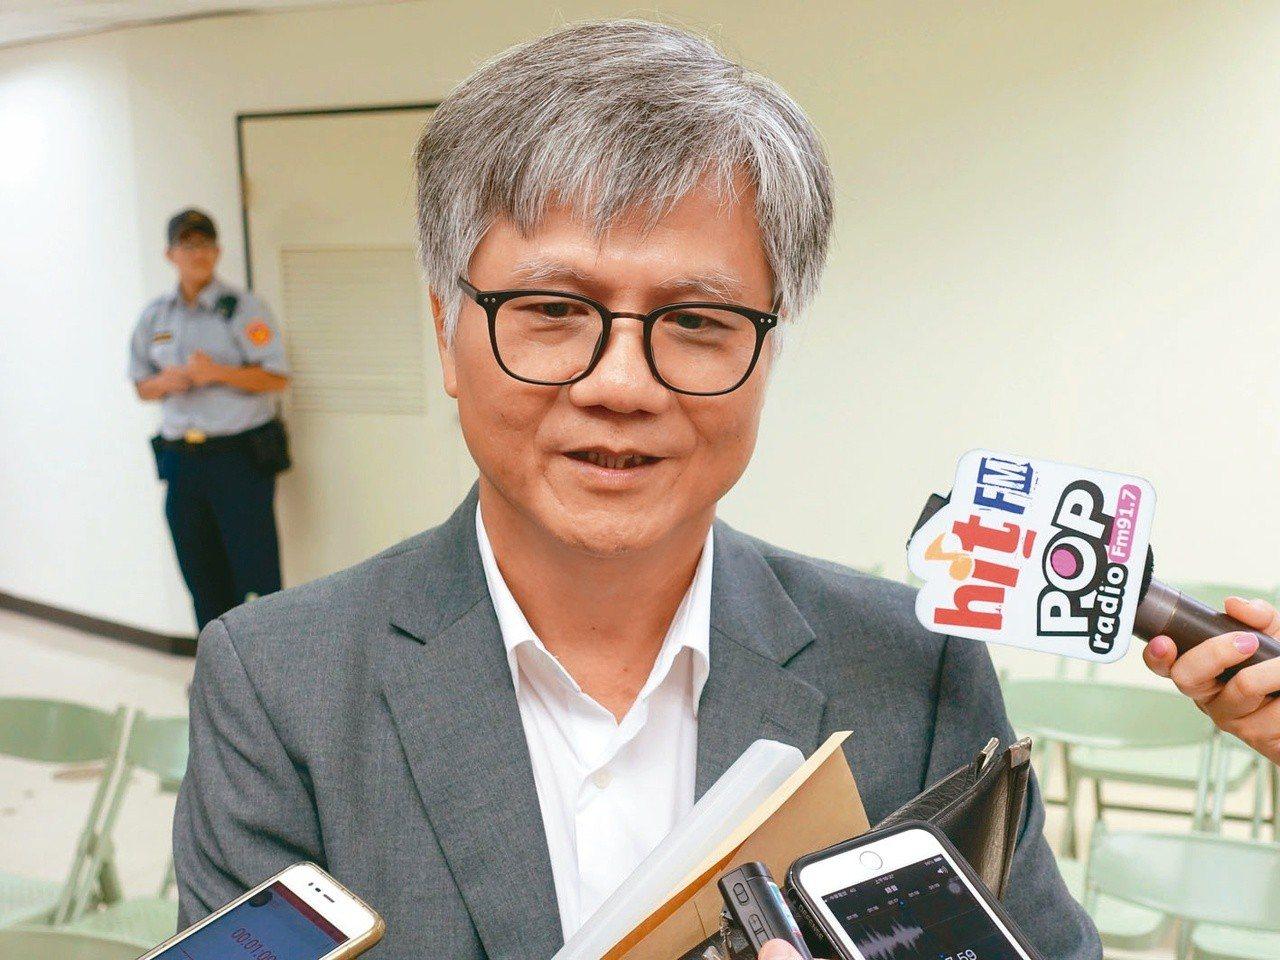 台北市長選戰如今出現「神祕第五人」,也就是兆豐保險花蓮分公司經理吳蕚洋,今一早也...